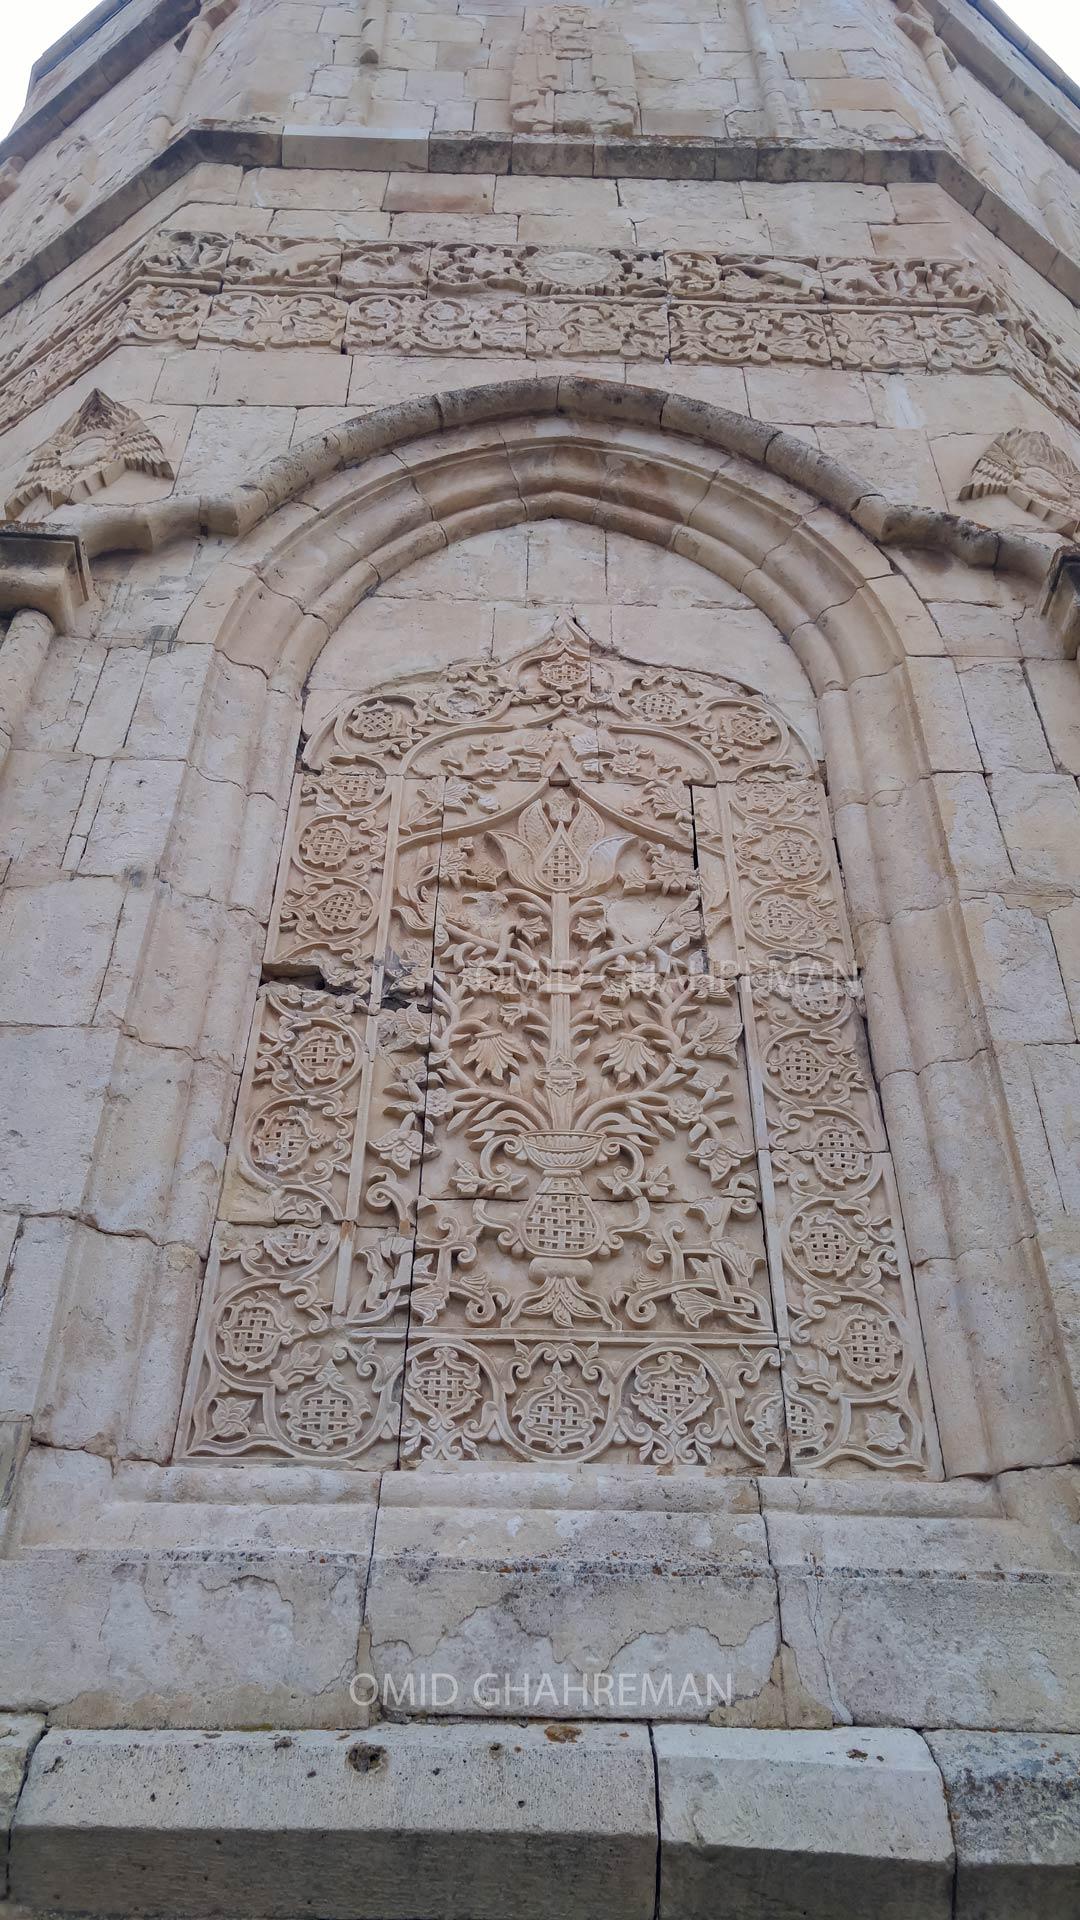 حجاری و حکاکی های گل و بته بر روی دیواره های سنگی کلیسا